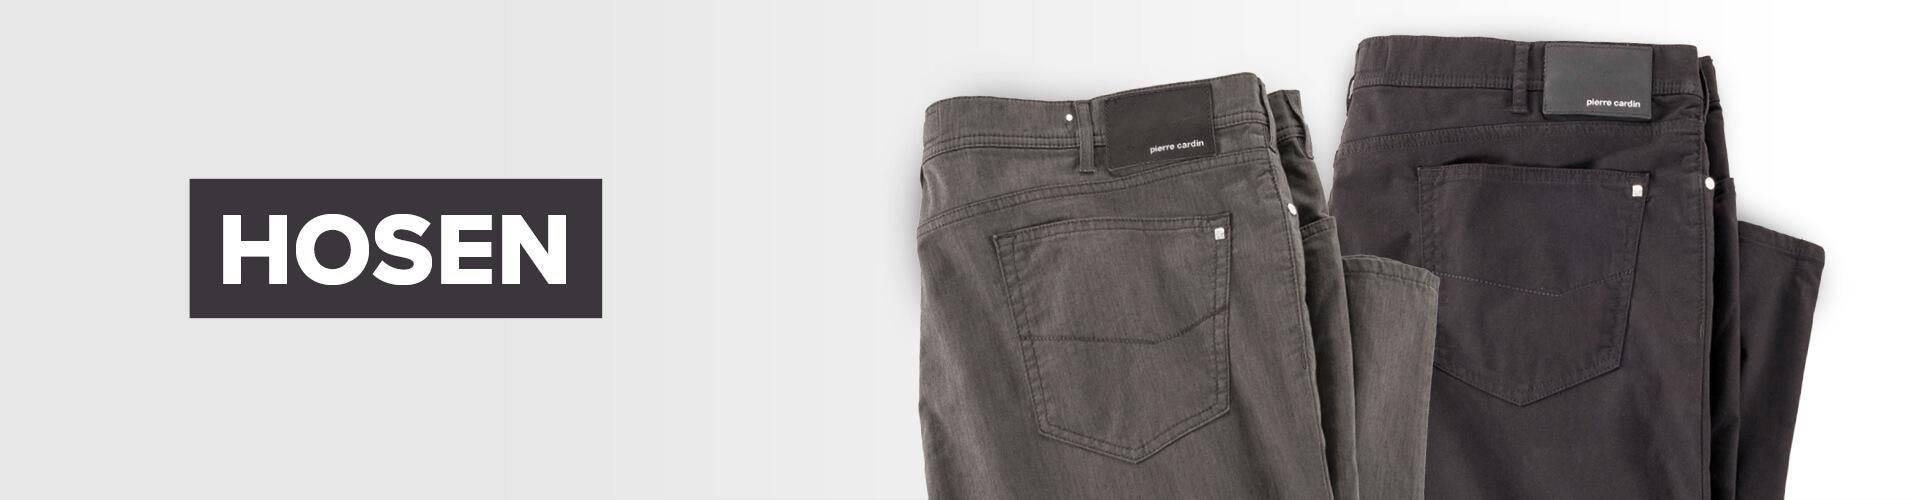 Schmuckbild für die Kategorie Hosen